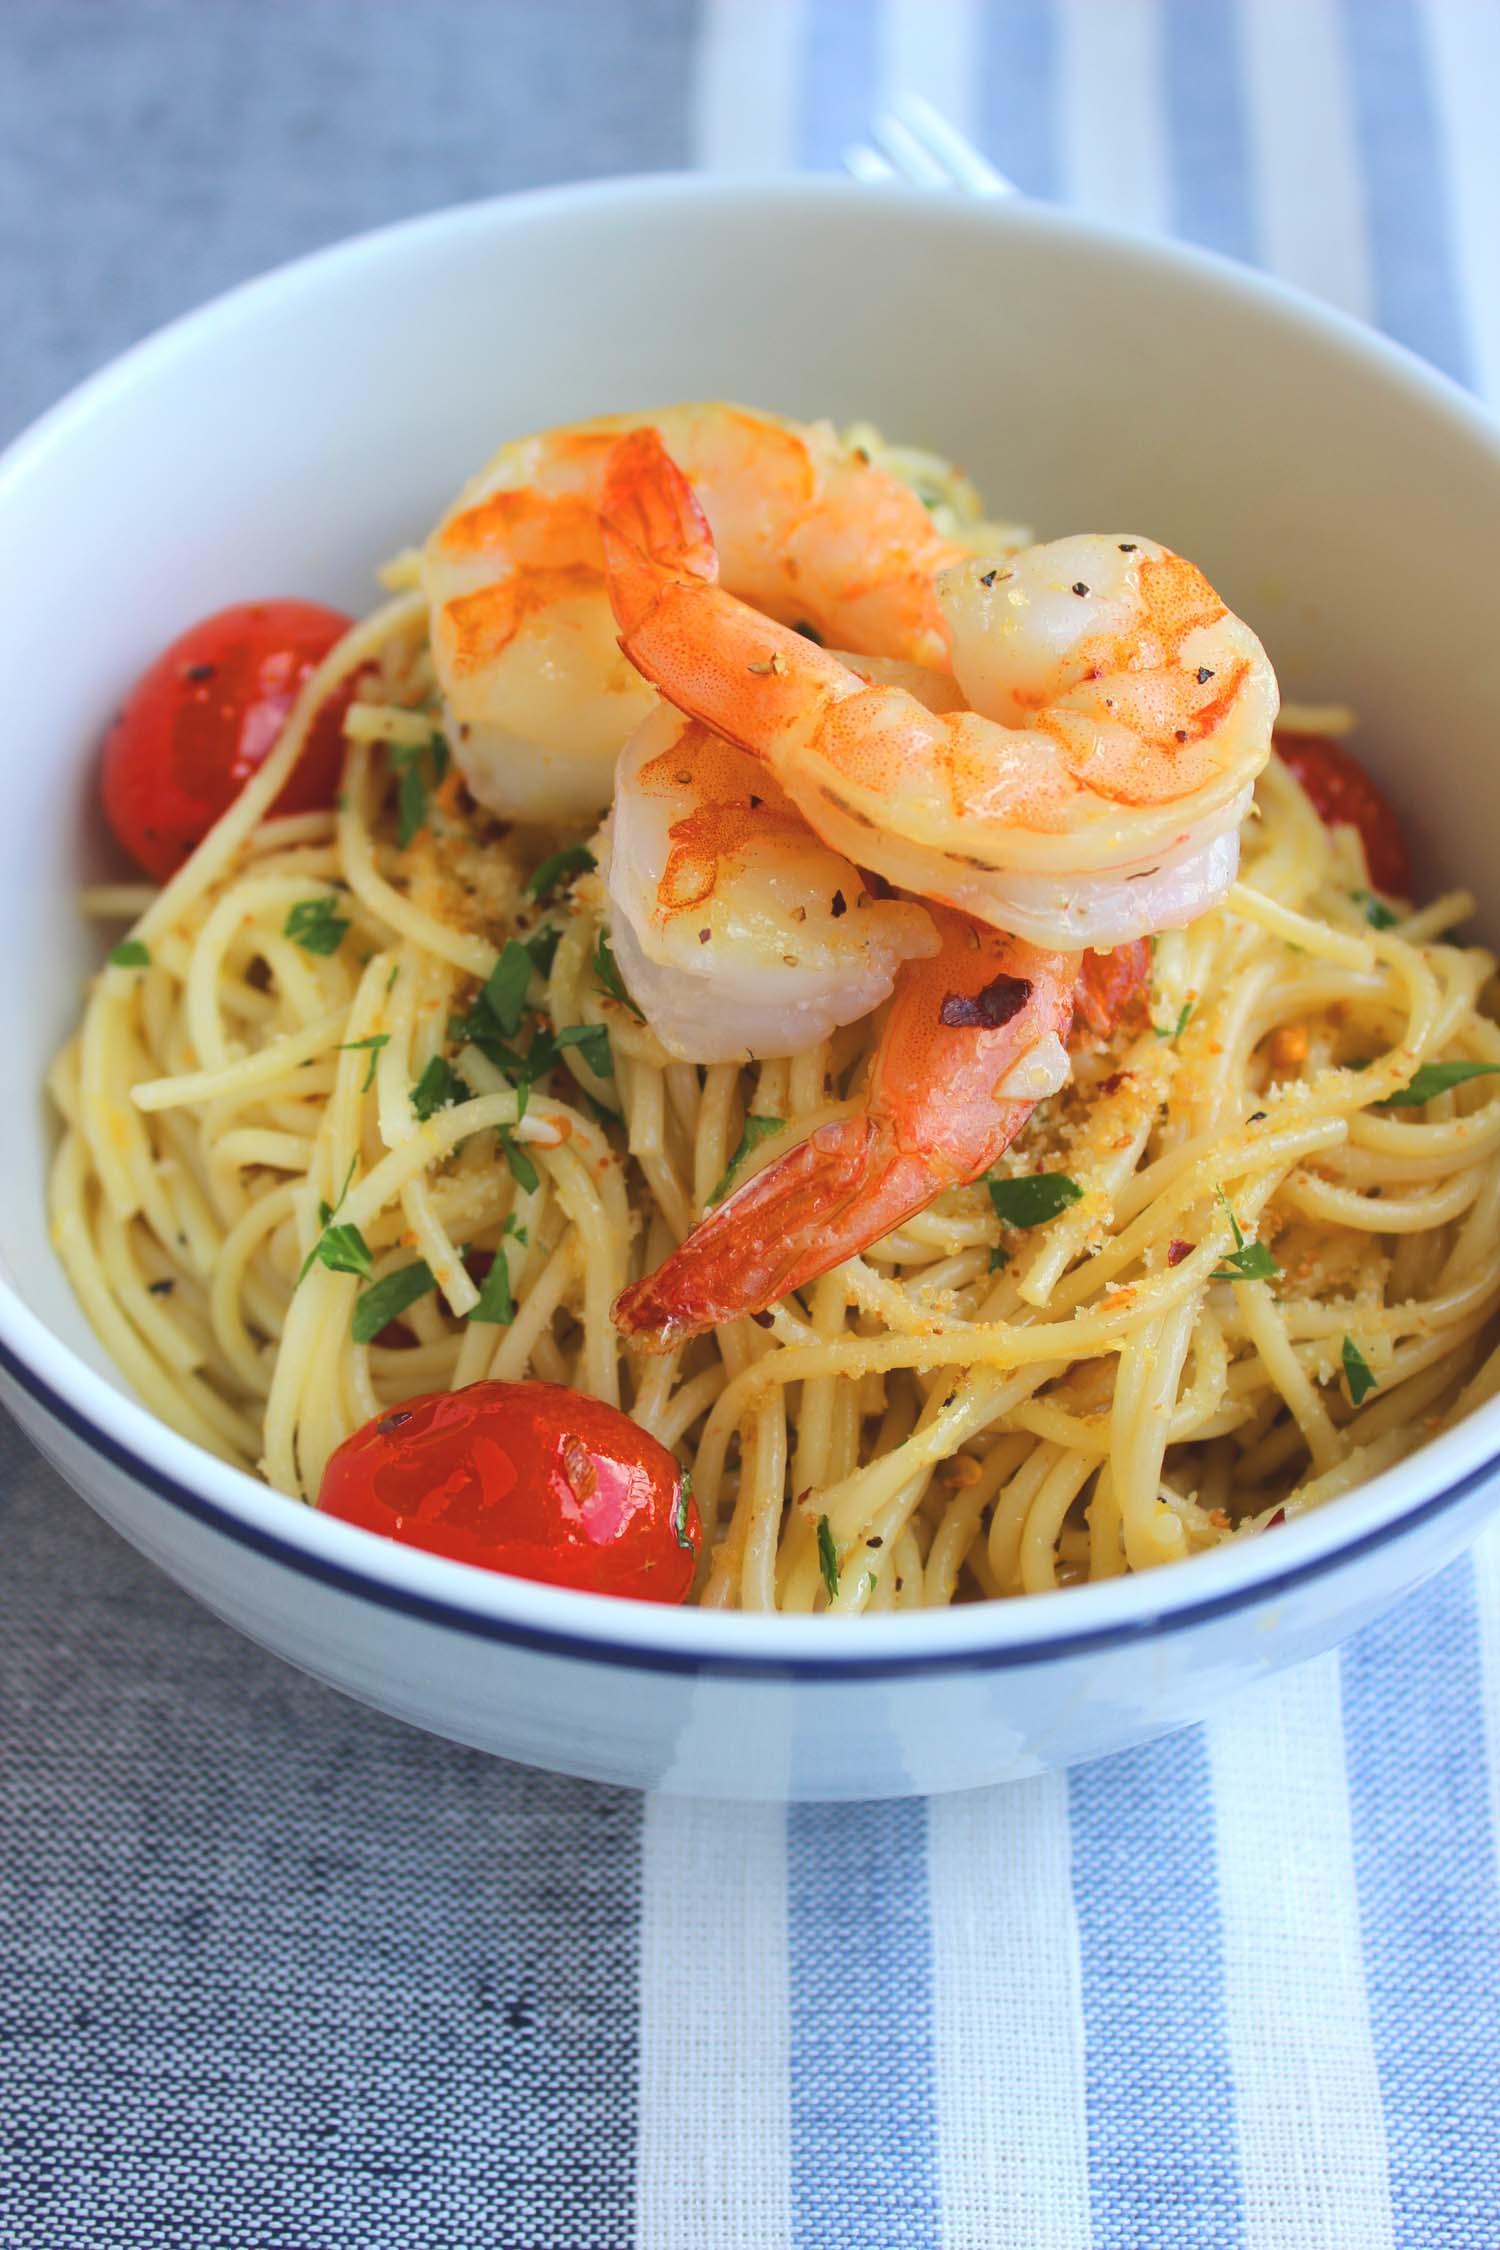 Lemon Pasta with Shrimp & Roasted Tomatoes  | Image:  Laura Messersmith